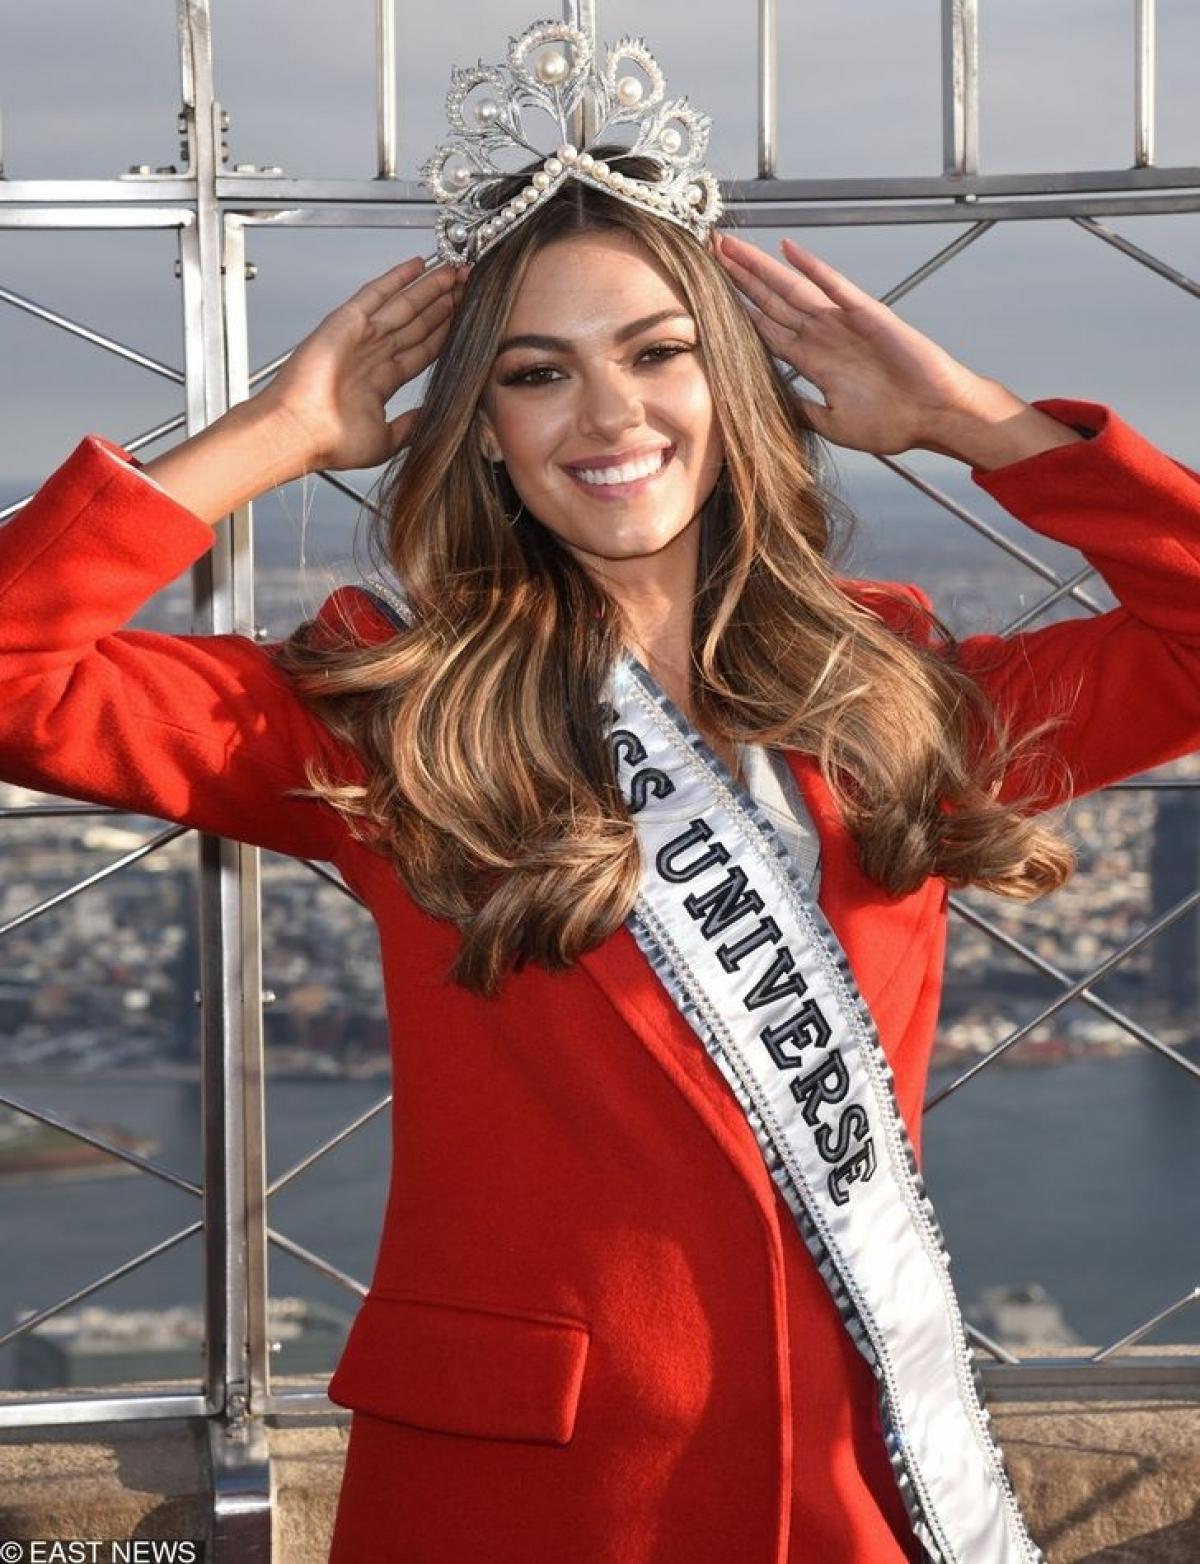 Năm 2017, Demi-Leigh Nel-Peters đem về cho Nam Phi vương miện Miss Universe sau gần 40 năm đằng đẵng chờ đợi. Mỹ nhân này đã lên xe hoa và đang tận hưởng cuộc sống ý nghĩa, hạnh phúc.